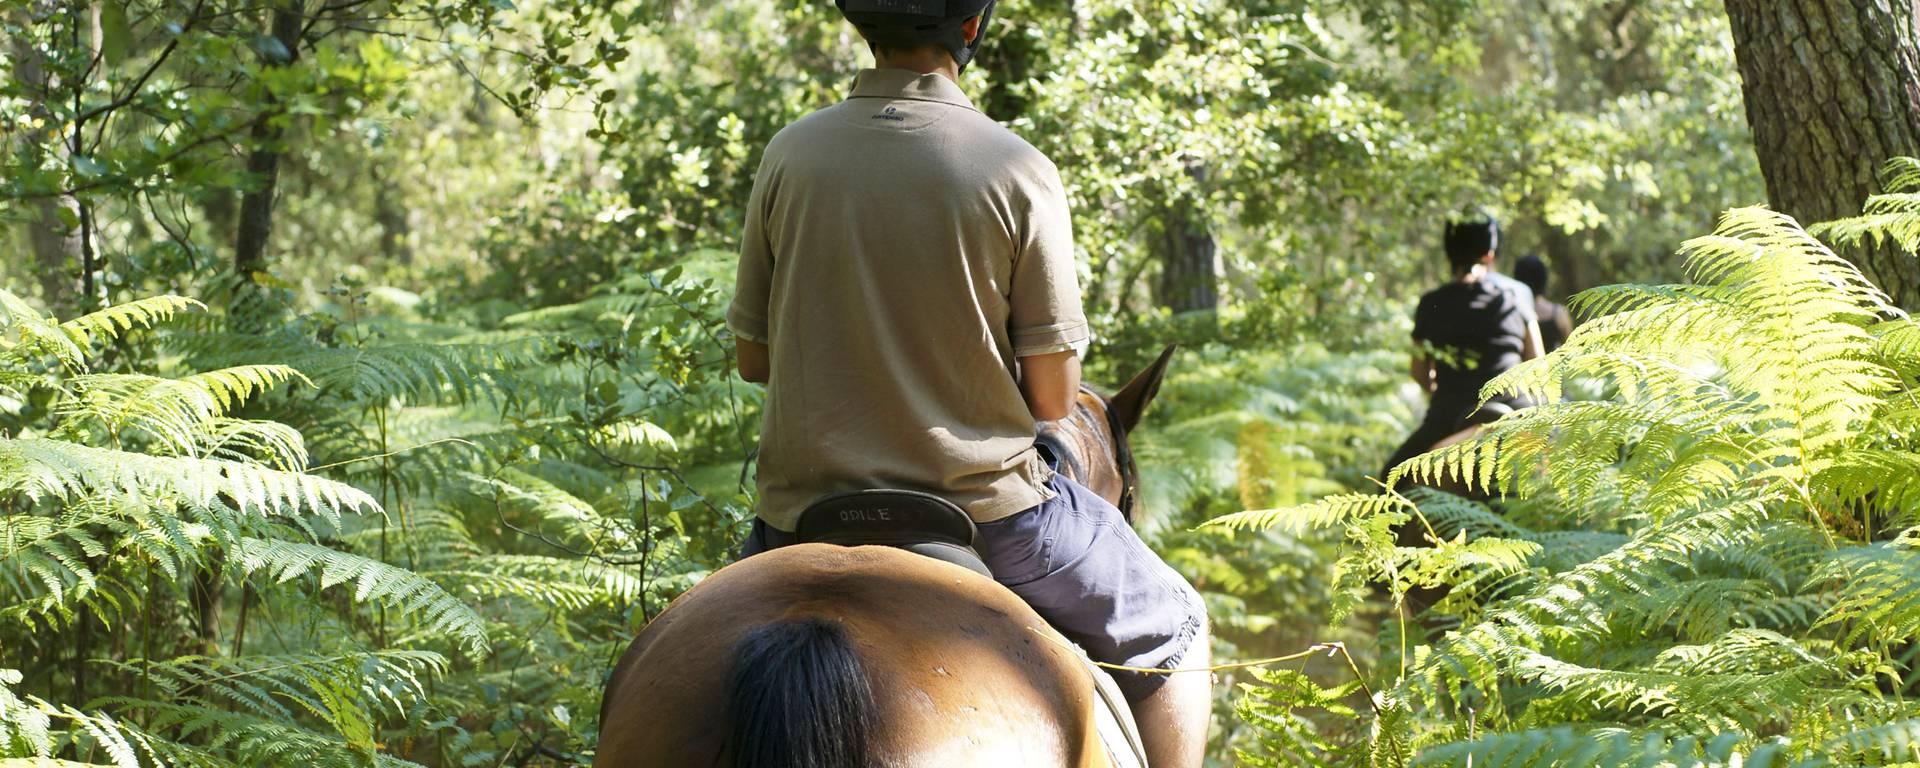 Balade à cheval dans les bois par Yann Werdefroy